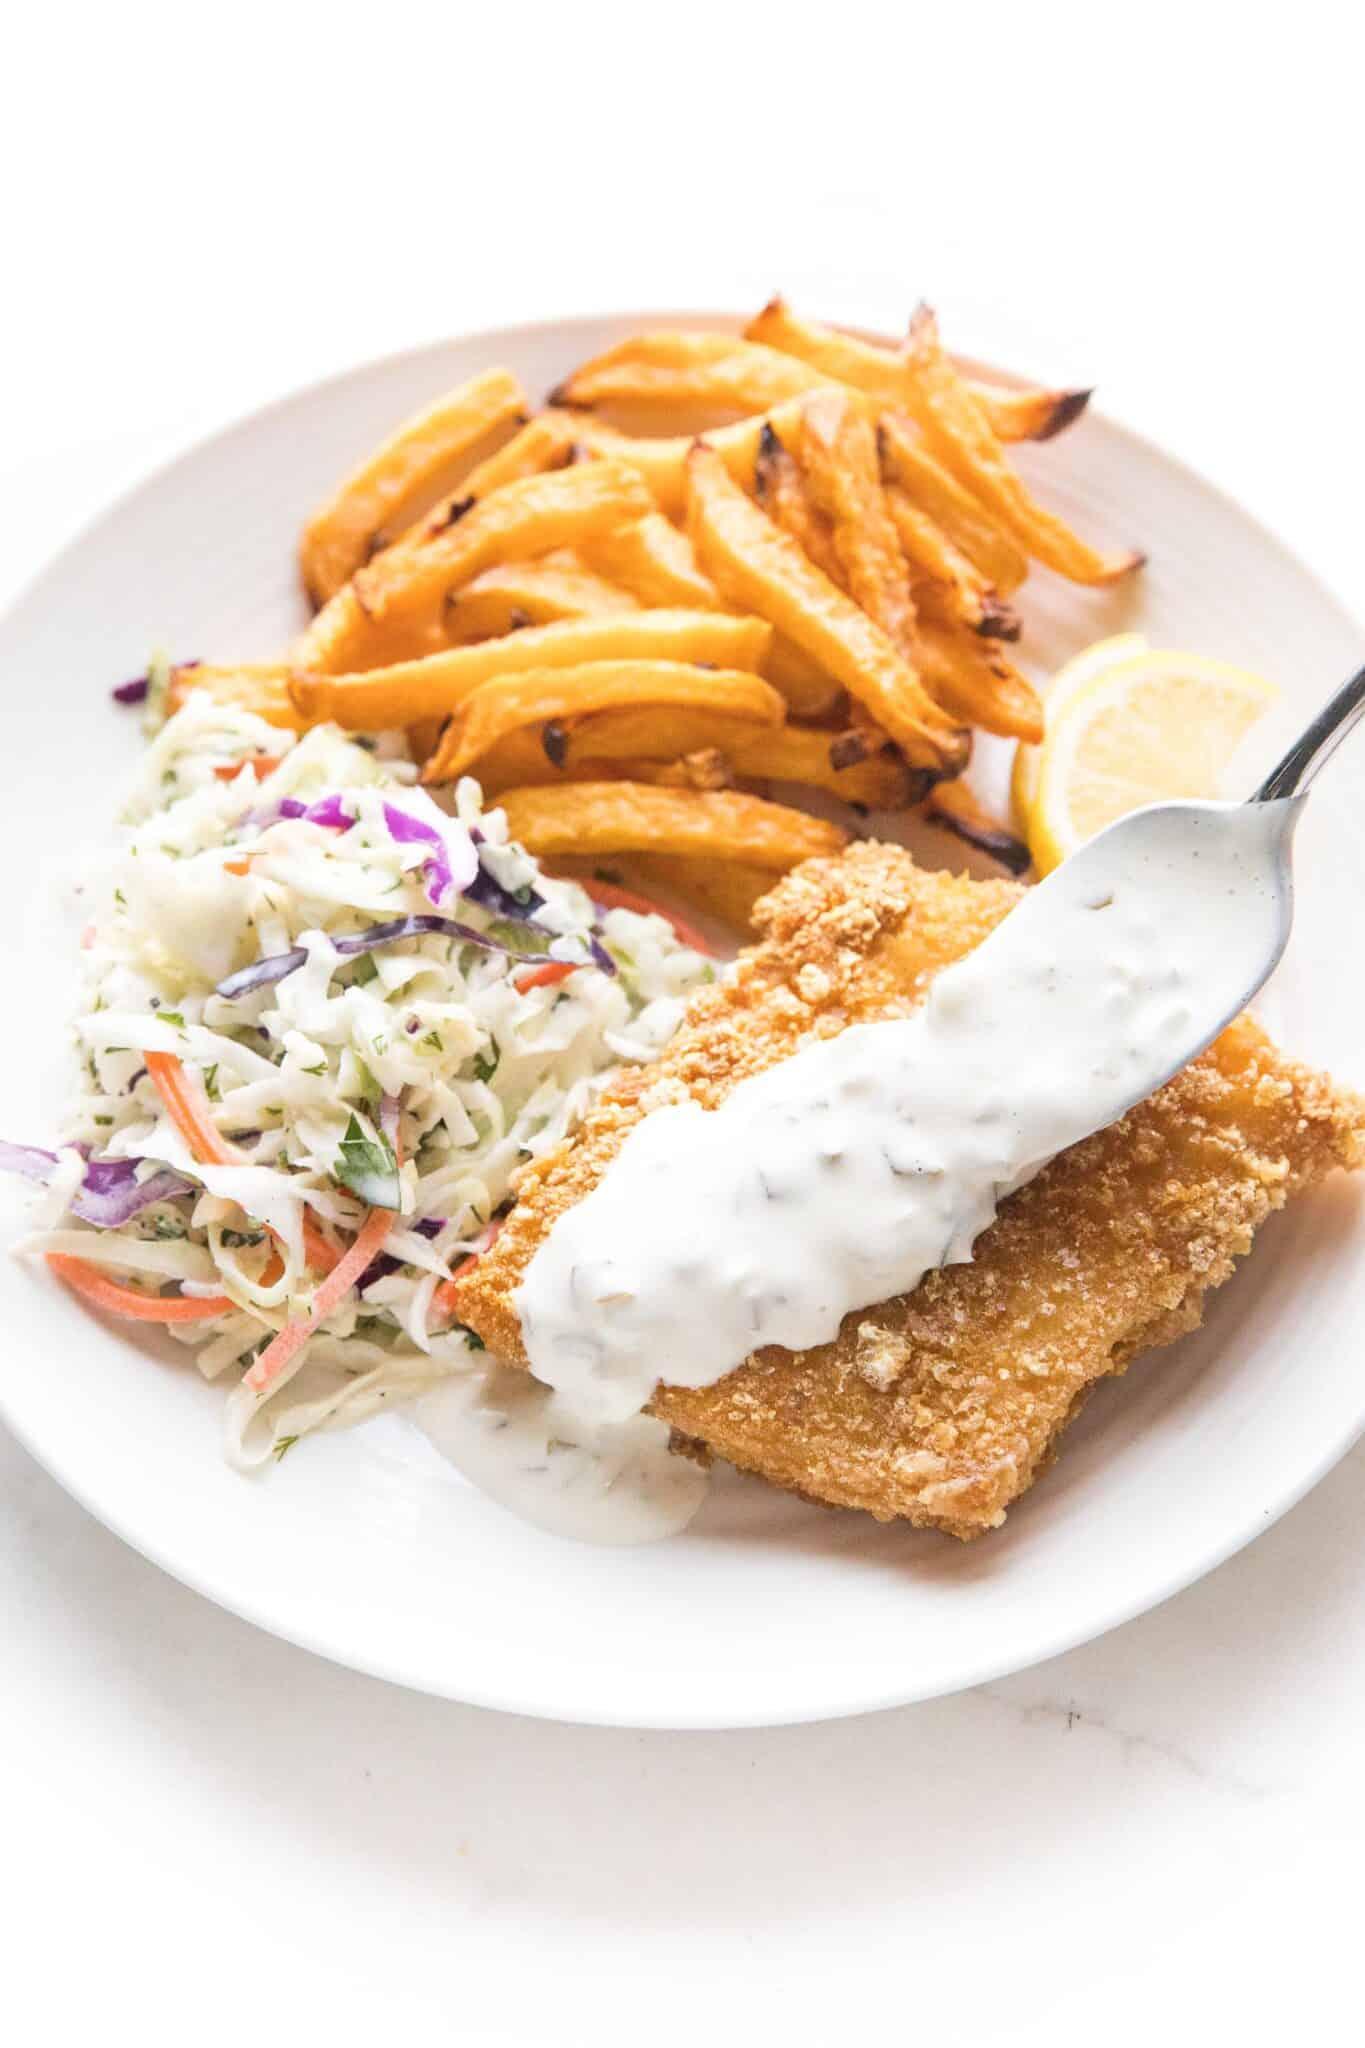 Keto Fish and Chips